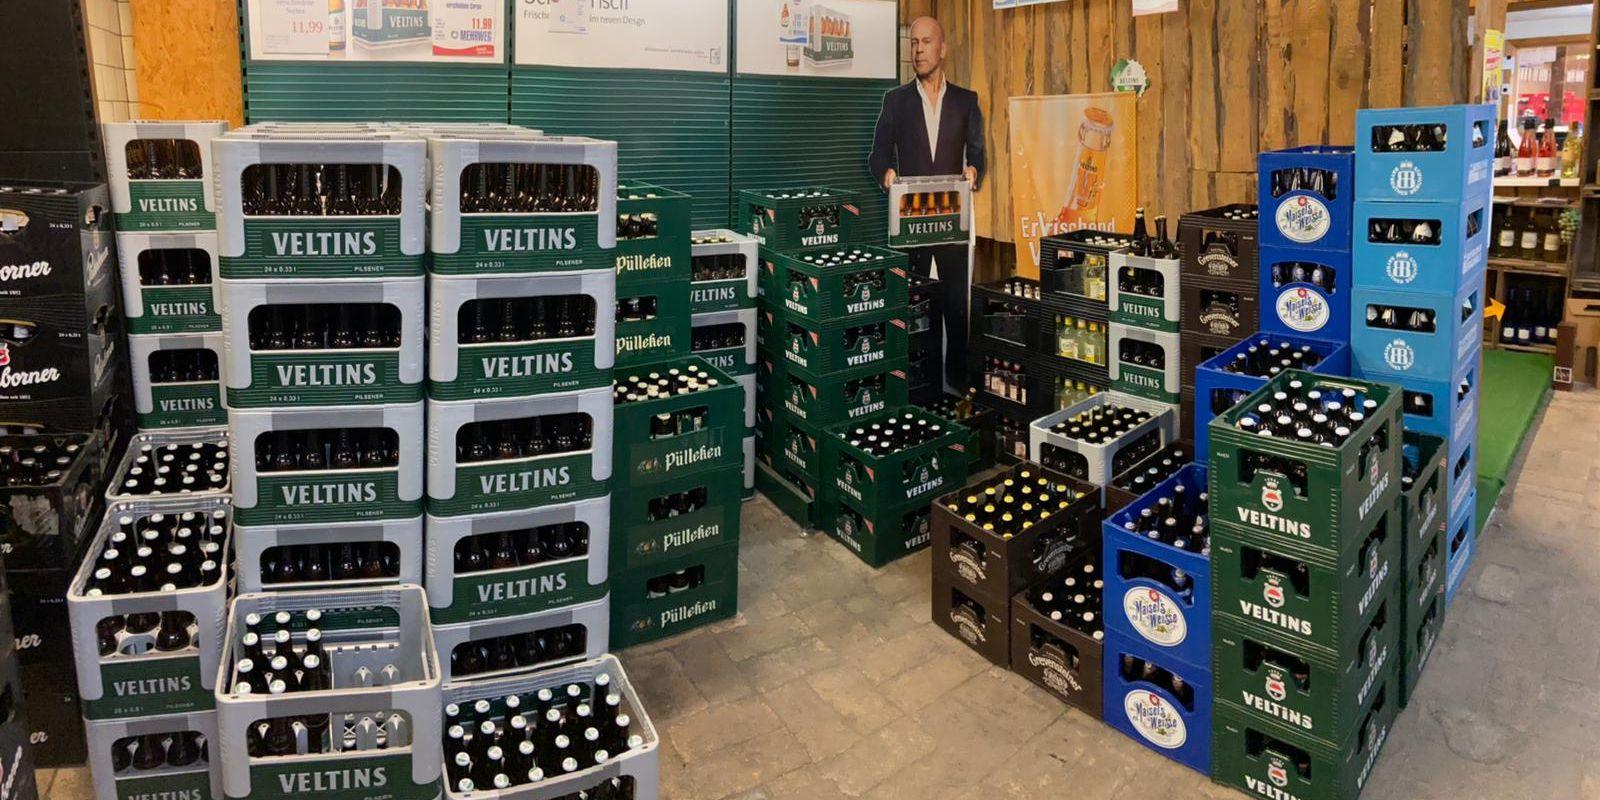 veltins-grevensteiner-bier-getraenke-noelke-bestwig-ramsbeck.jpg